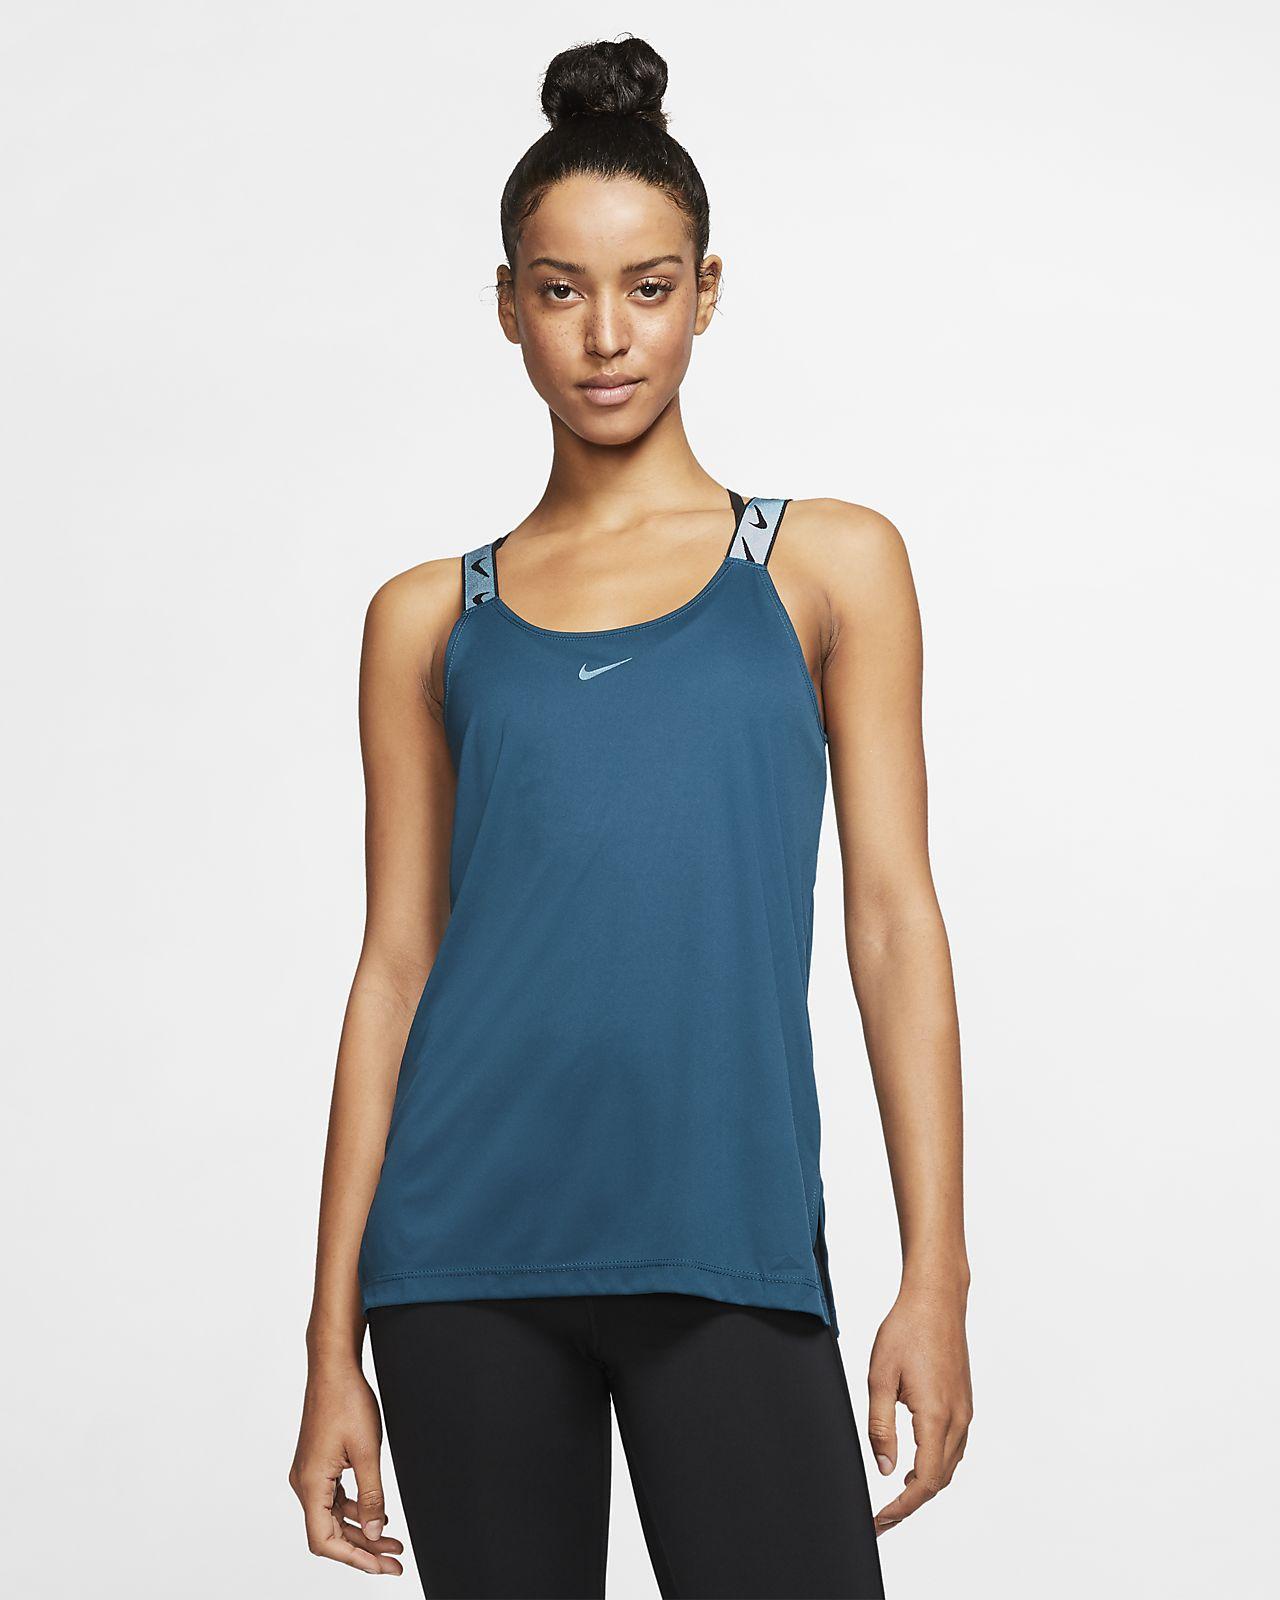 Nike Dri-FIT-træningstanktop til kvinder